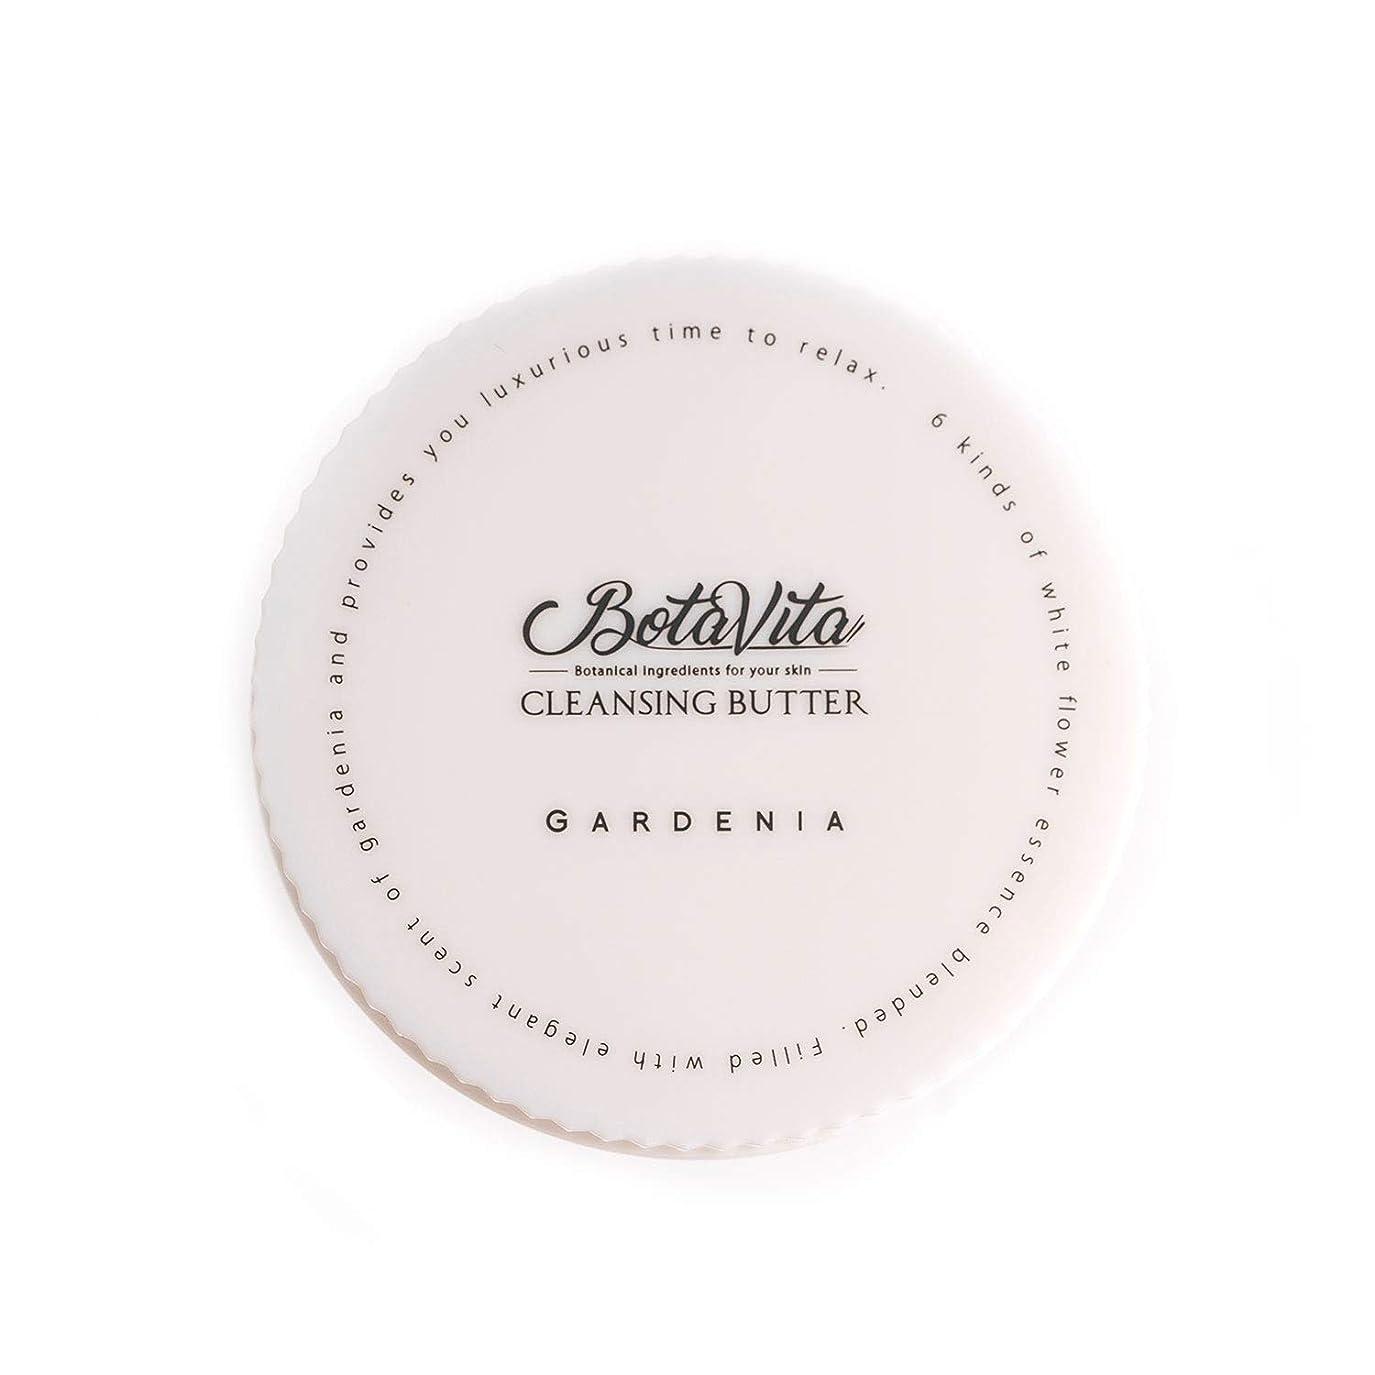 病気だと思う実り多い滑りやすいBotaVita ボタヴィータ クレンジングバター <ガーデニア> 80g ダブル洗顔不要 マツエク対応 保湿ケア 毛穴汚れオフ